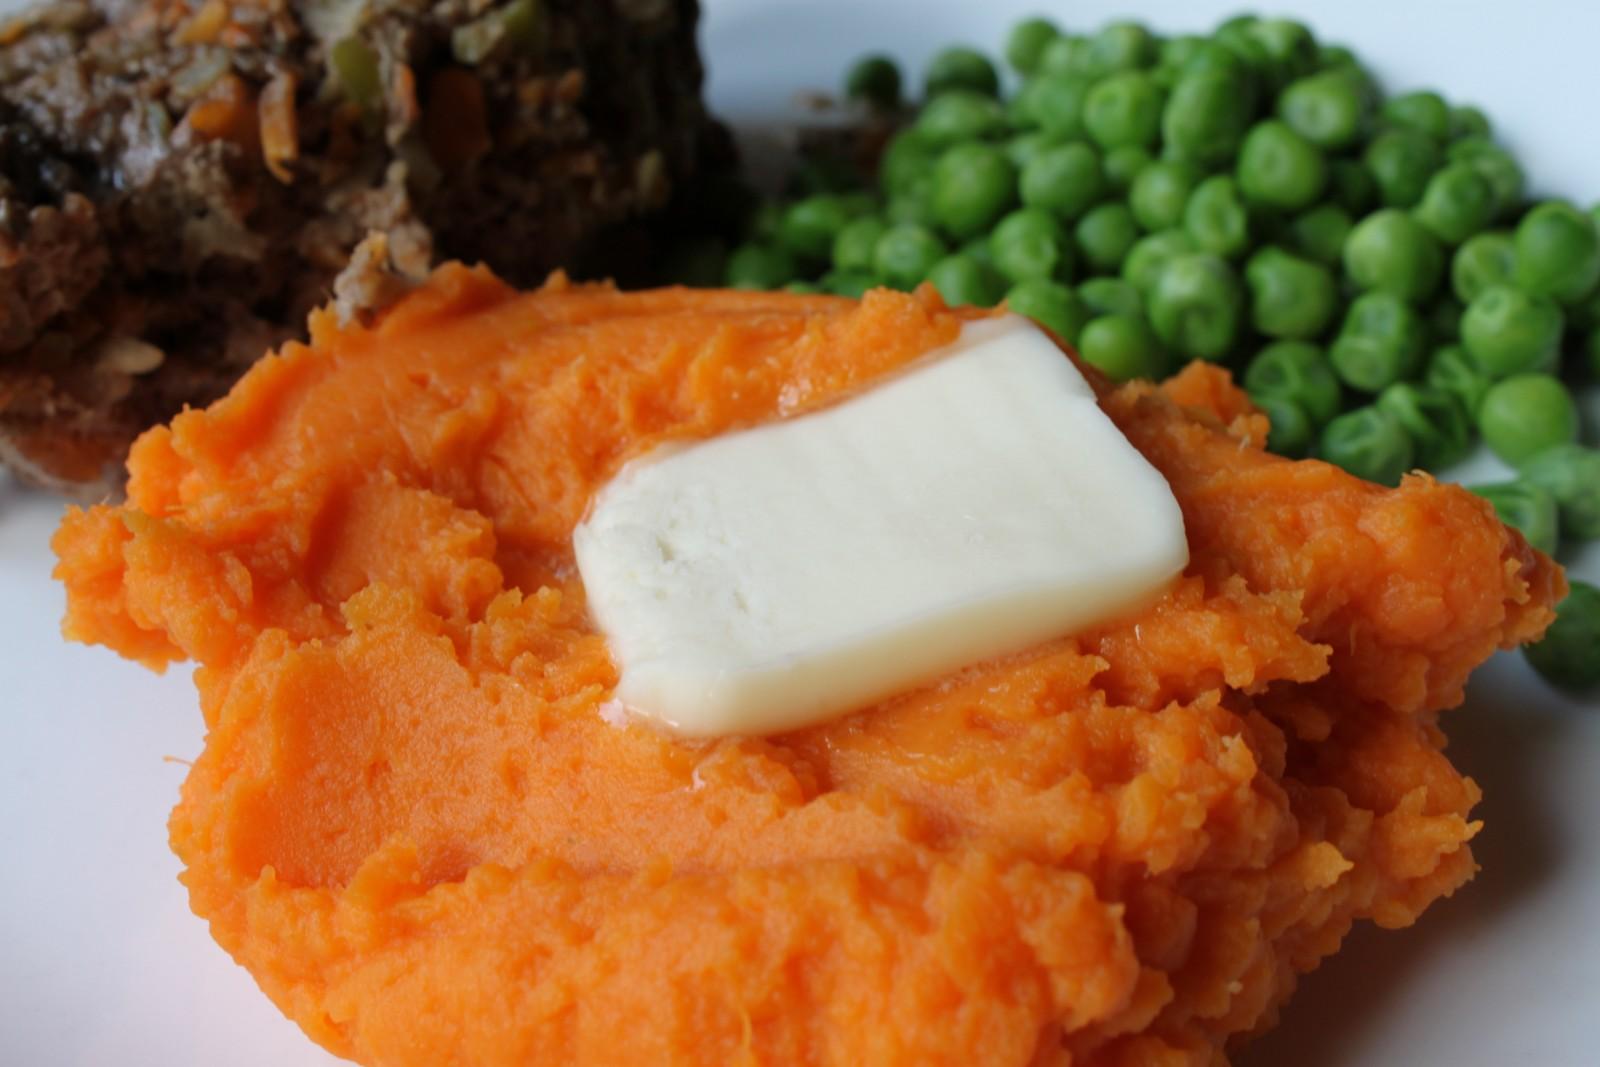 Mashed Sweet Potatoes (Yams)